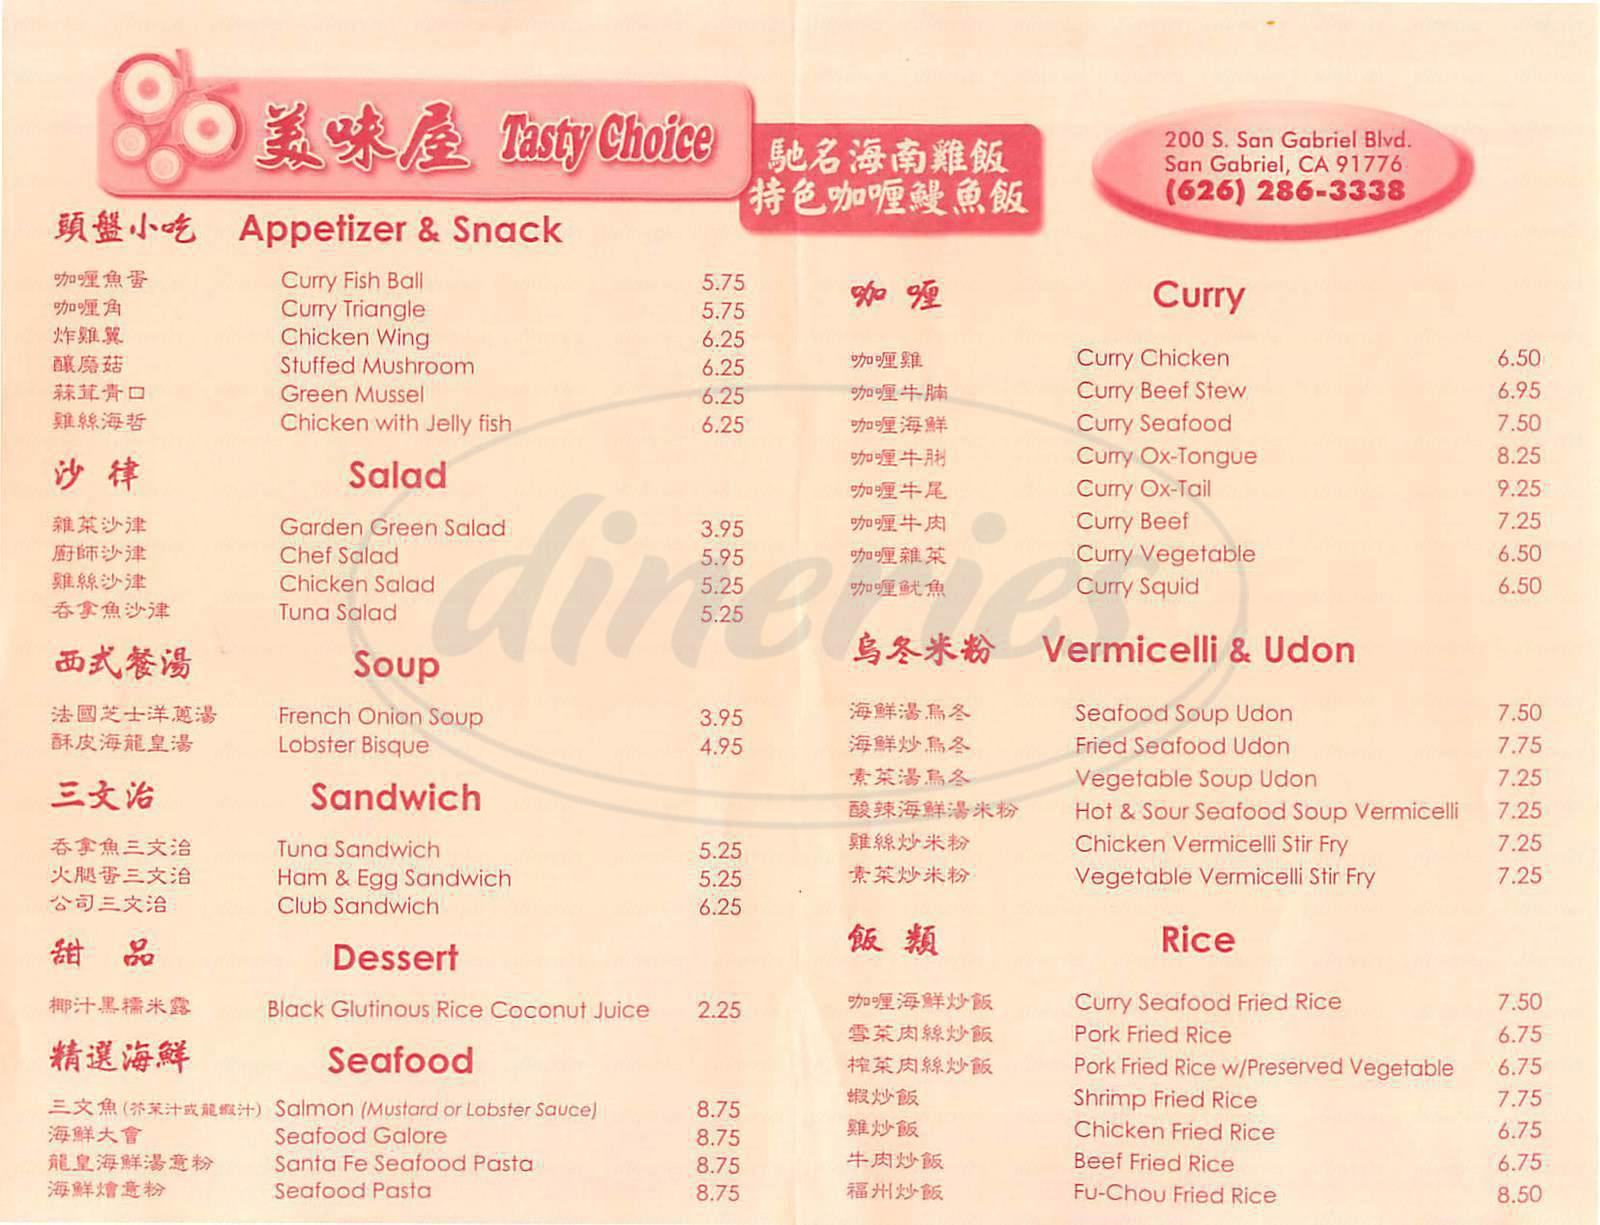 menu for Tasty Choice